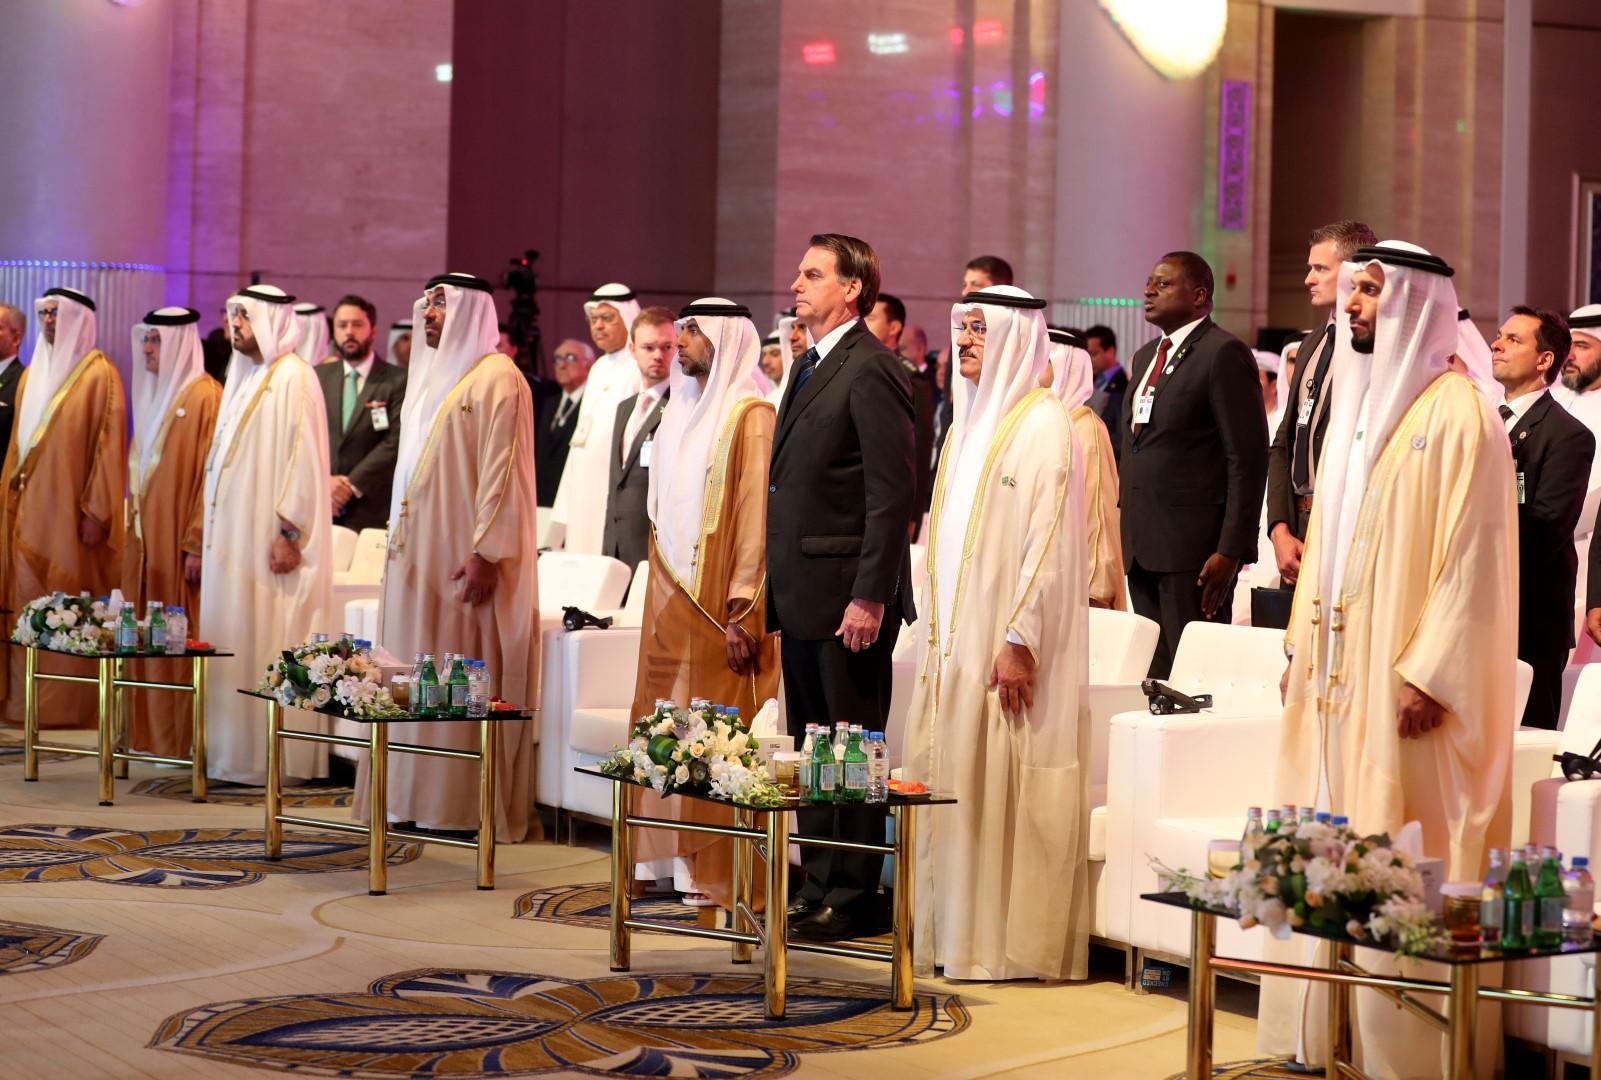 الرئيس البرازيلي يشيد بالعلاقات المتميزة مع الإمارات